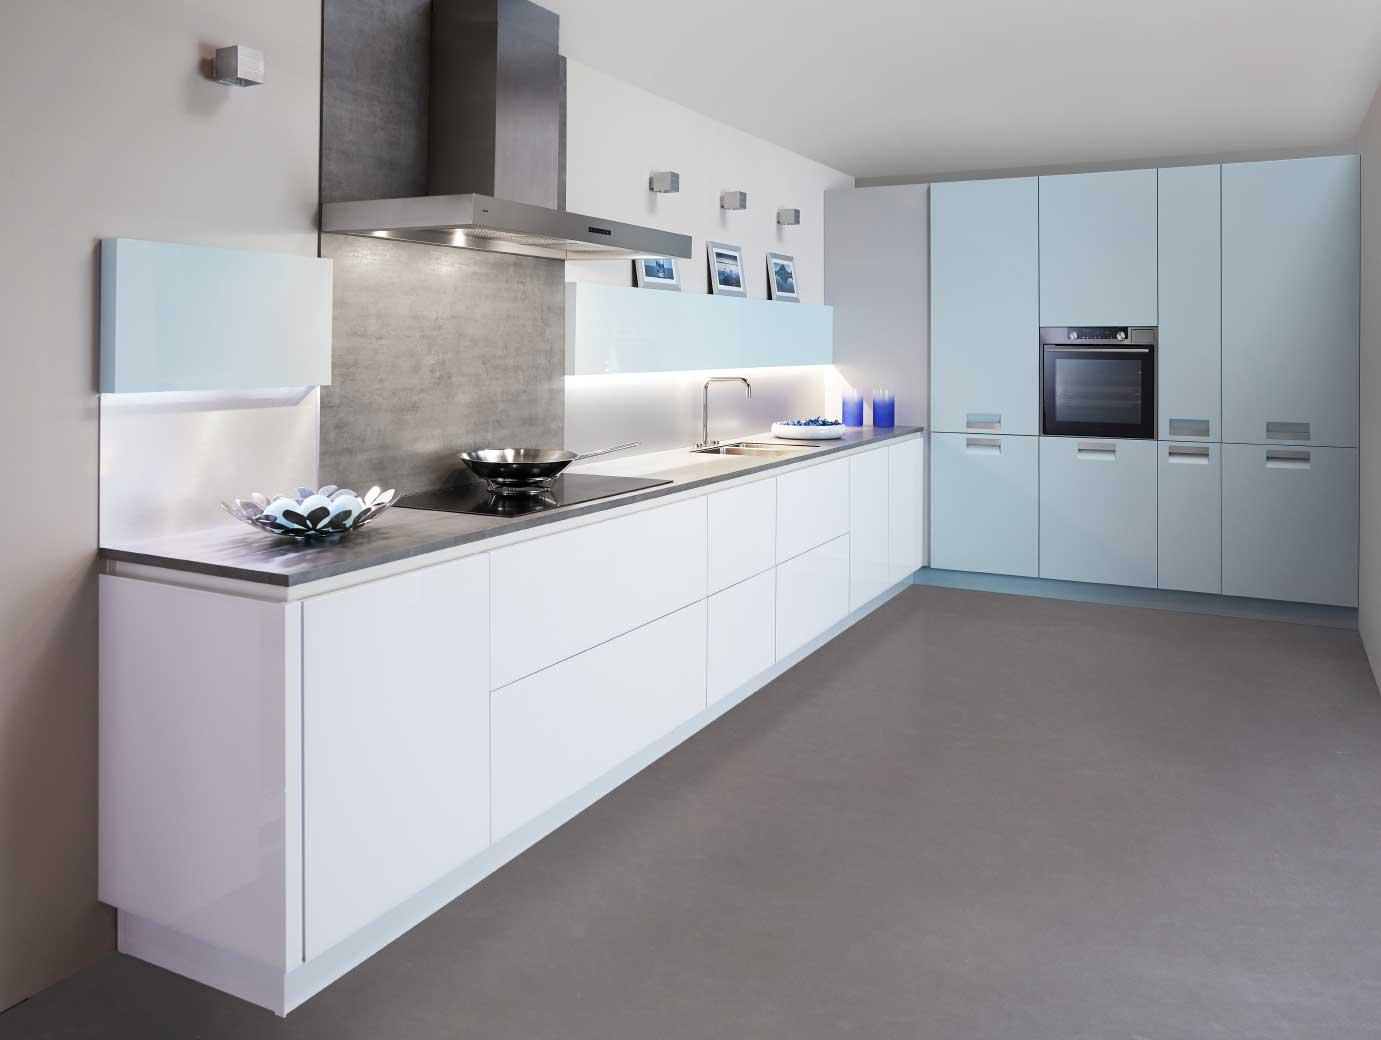 Blauwtinten zijn de keukentrend voor het nieuwe woonseizoen. Met een witte basis en trendy materialen als glas en chroom. Keuken: Edena van Keller Keukens #keukentrend #woontrend #blauw #keuken #keller #keukeninspiratie